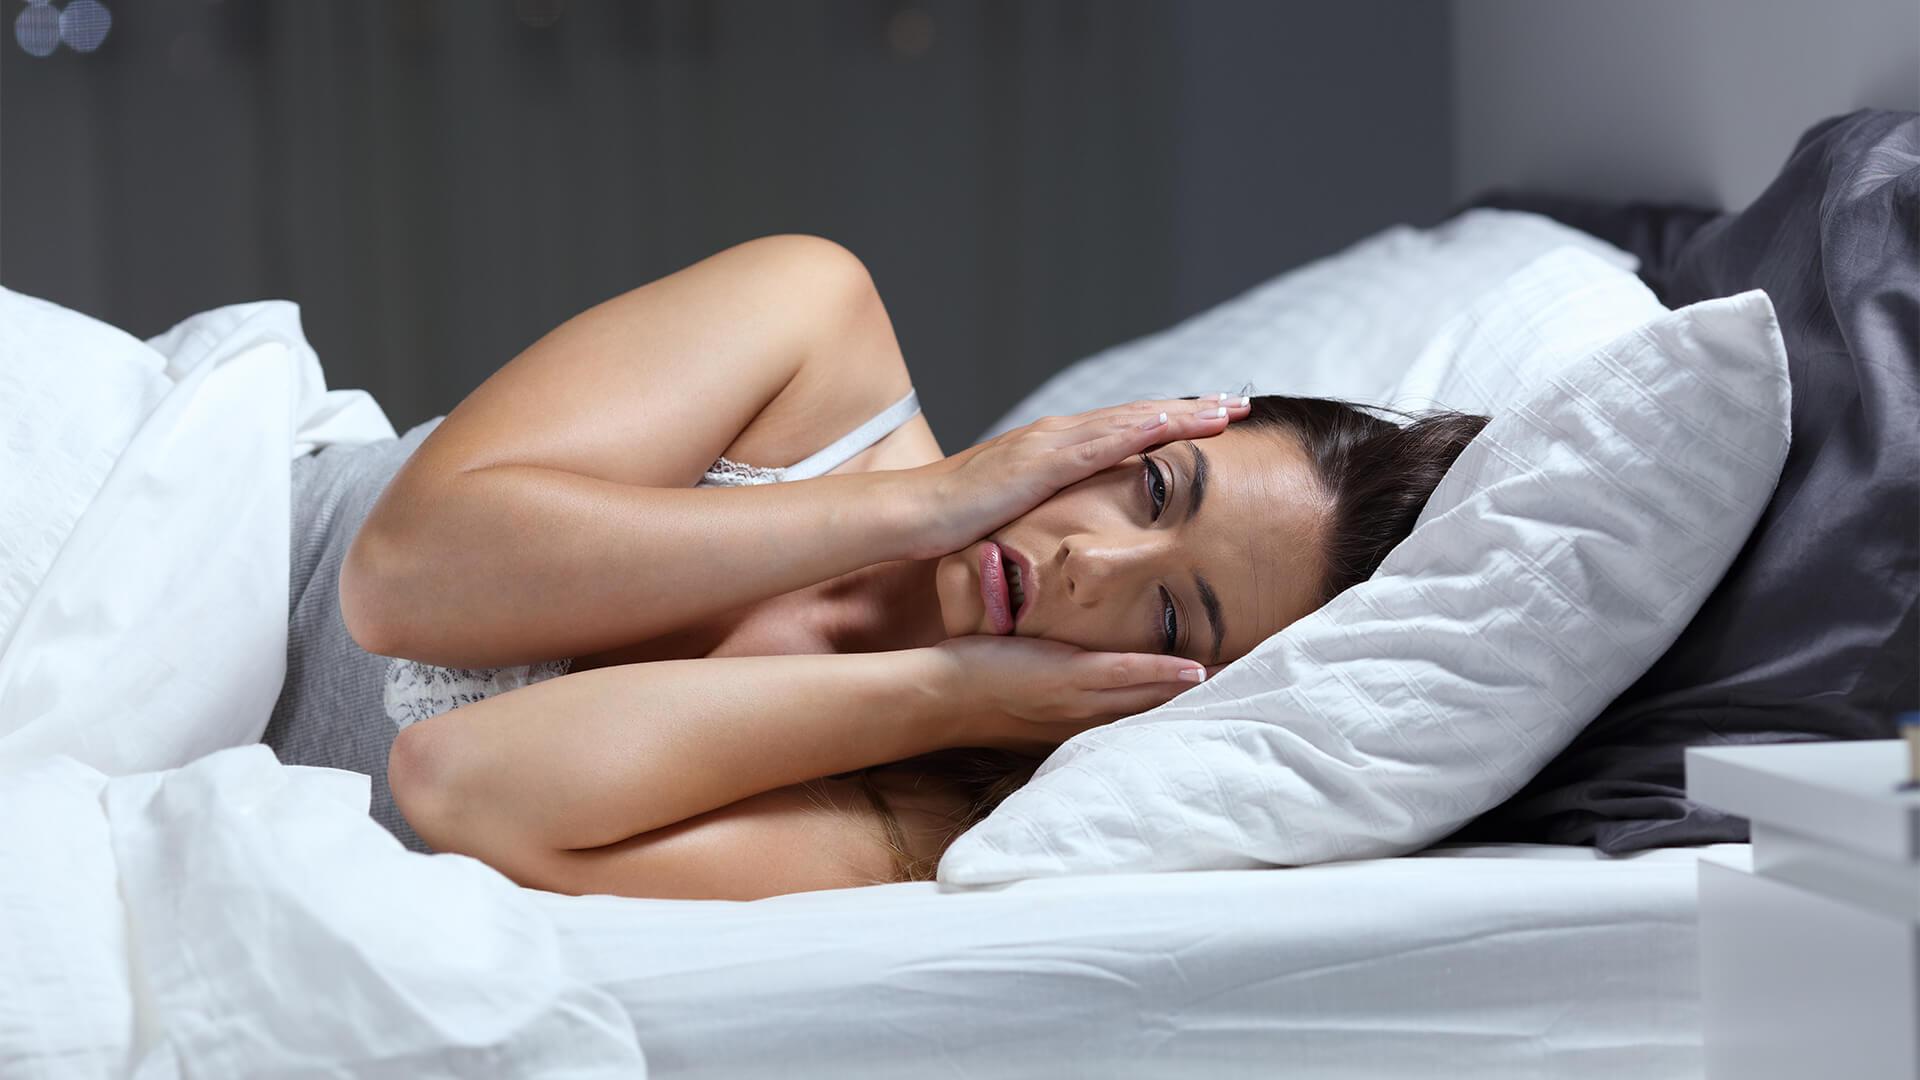 اكتشف الباحثون تضاعف عدد الزيارات والوصفات الطبية تقريبًا لدى الذين يعانون مشكلات النوم مقارنة باللذين لا يعانون منها - مساوئ اضطرابات النوم